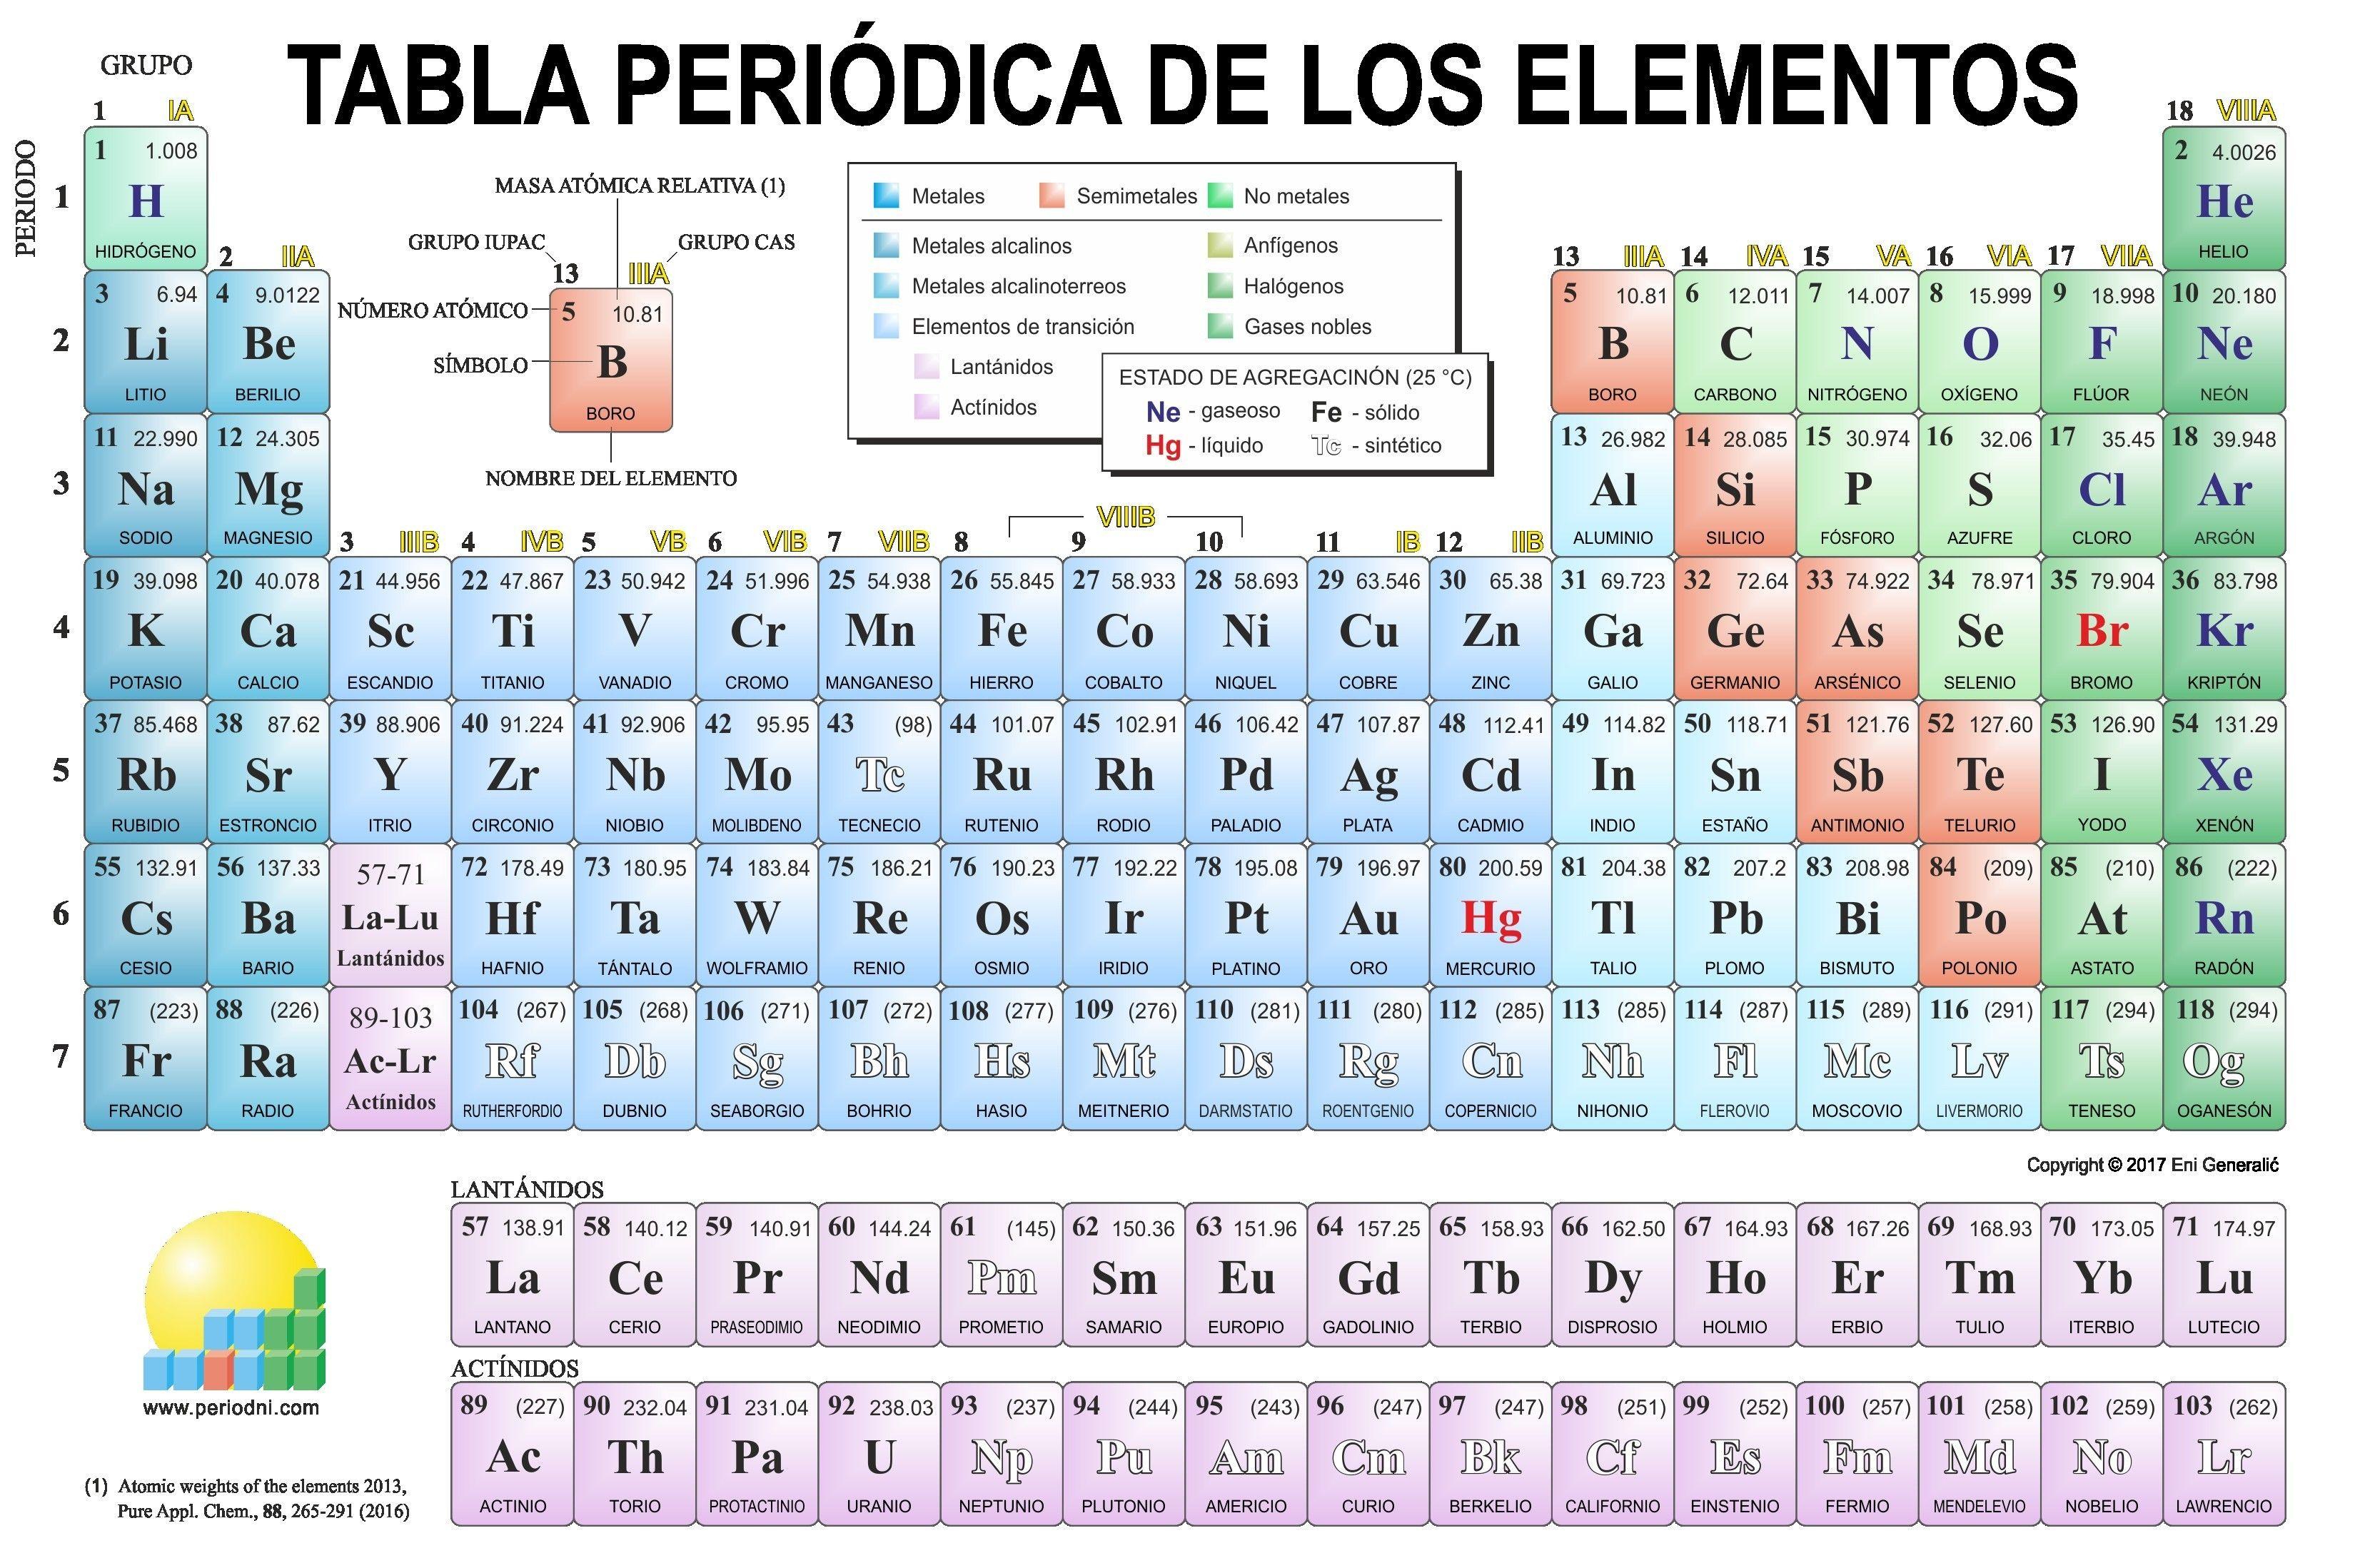 Tabla periodica de los elementos quimicos distribucion electronica tabla periodica de los elementos quimicos distribucion electronica copy configuracion electronica de los elementos quimica inspirationa tabla periodica de urtaz Gallery